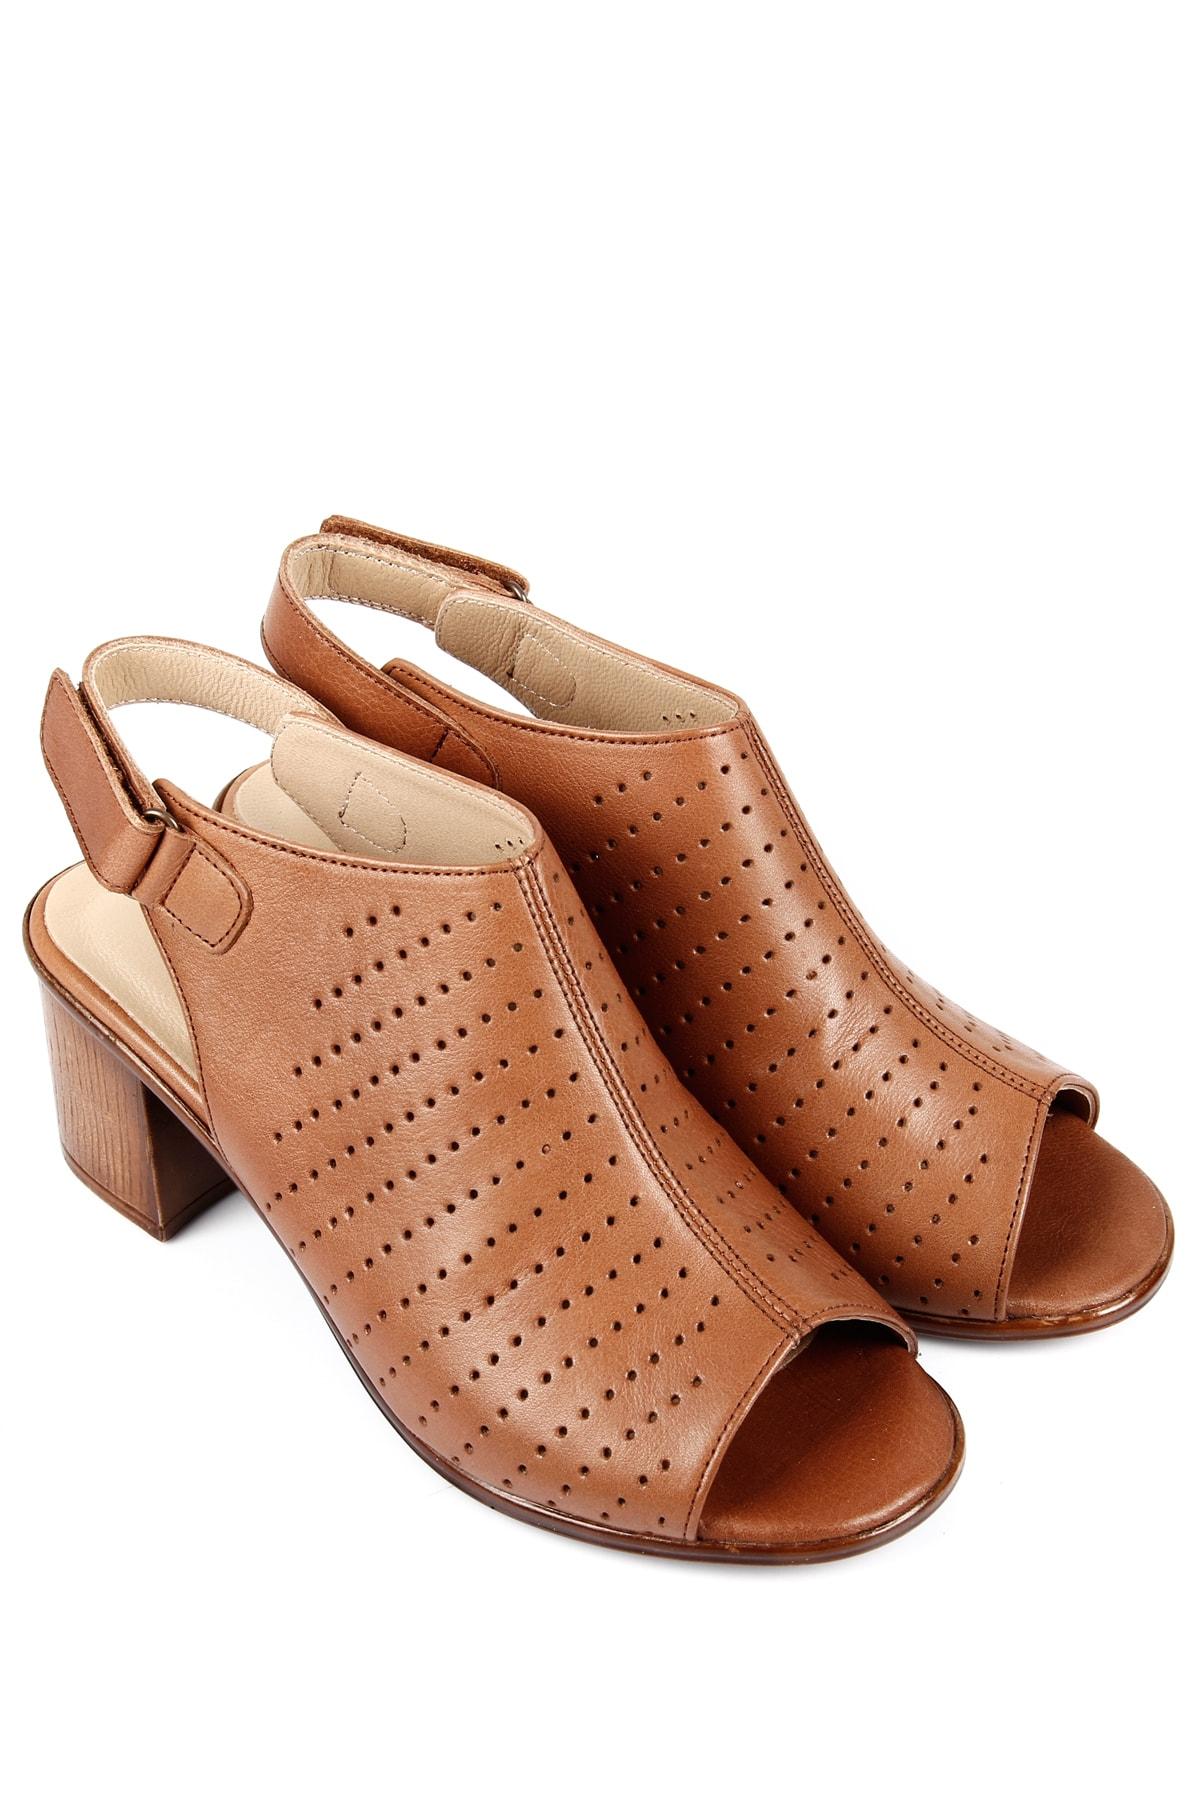 G.Ö.N Gön Hakiki Deri Kadın Sandalet 45627 1